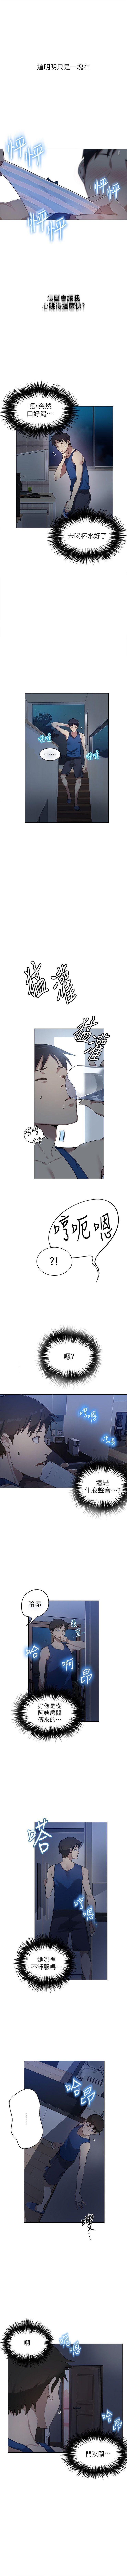 (週6)秘密教學  1-35 中文翻譯 (更新中) 9